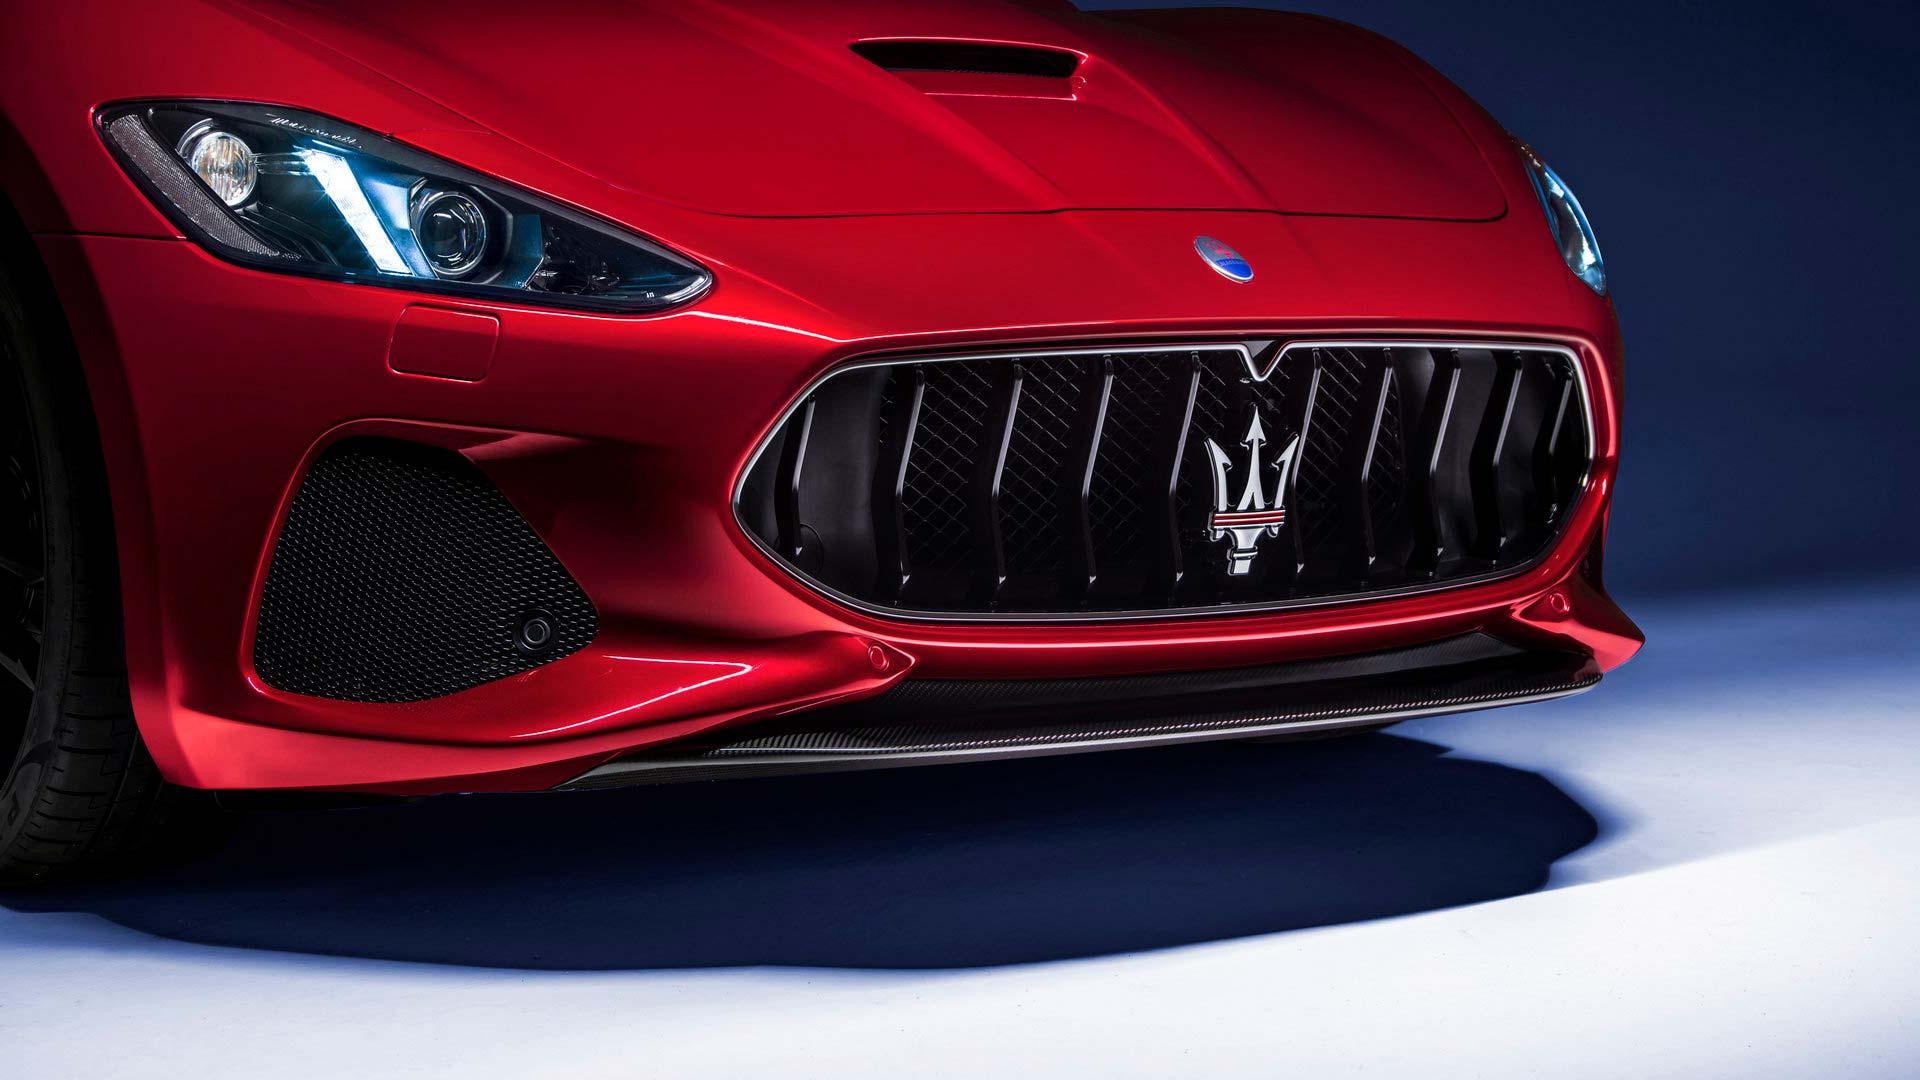 Terry Gallery, Concesionario Oficial Maserati en Sevilla